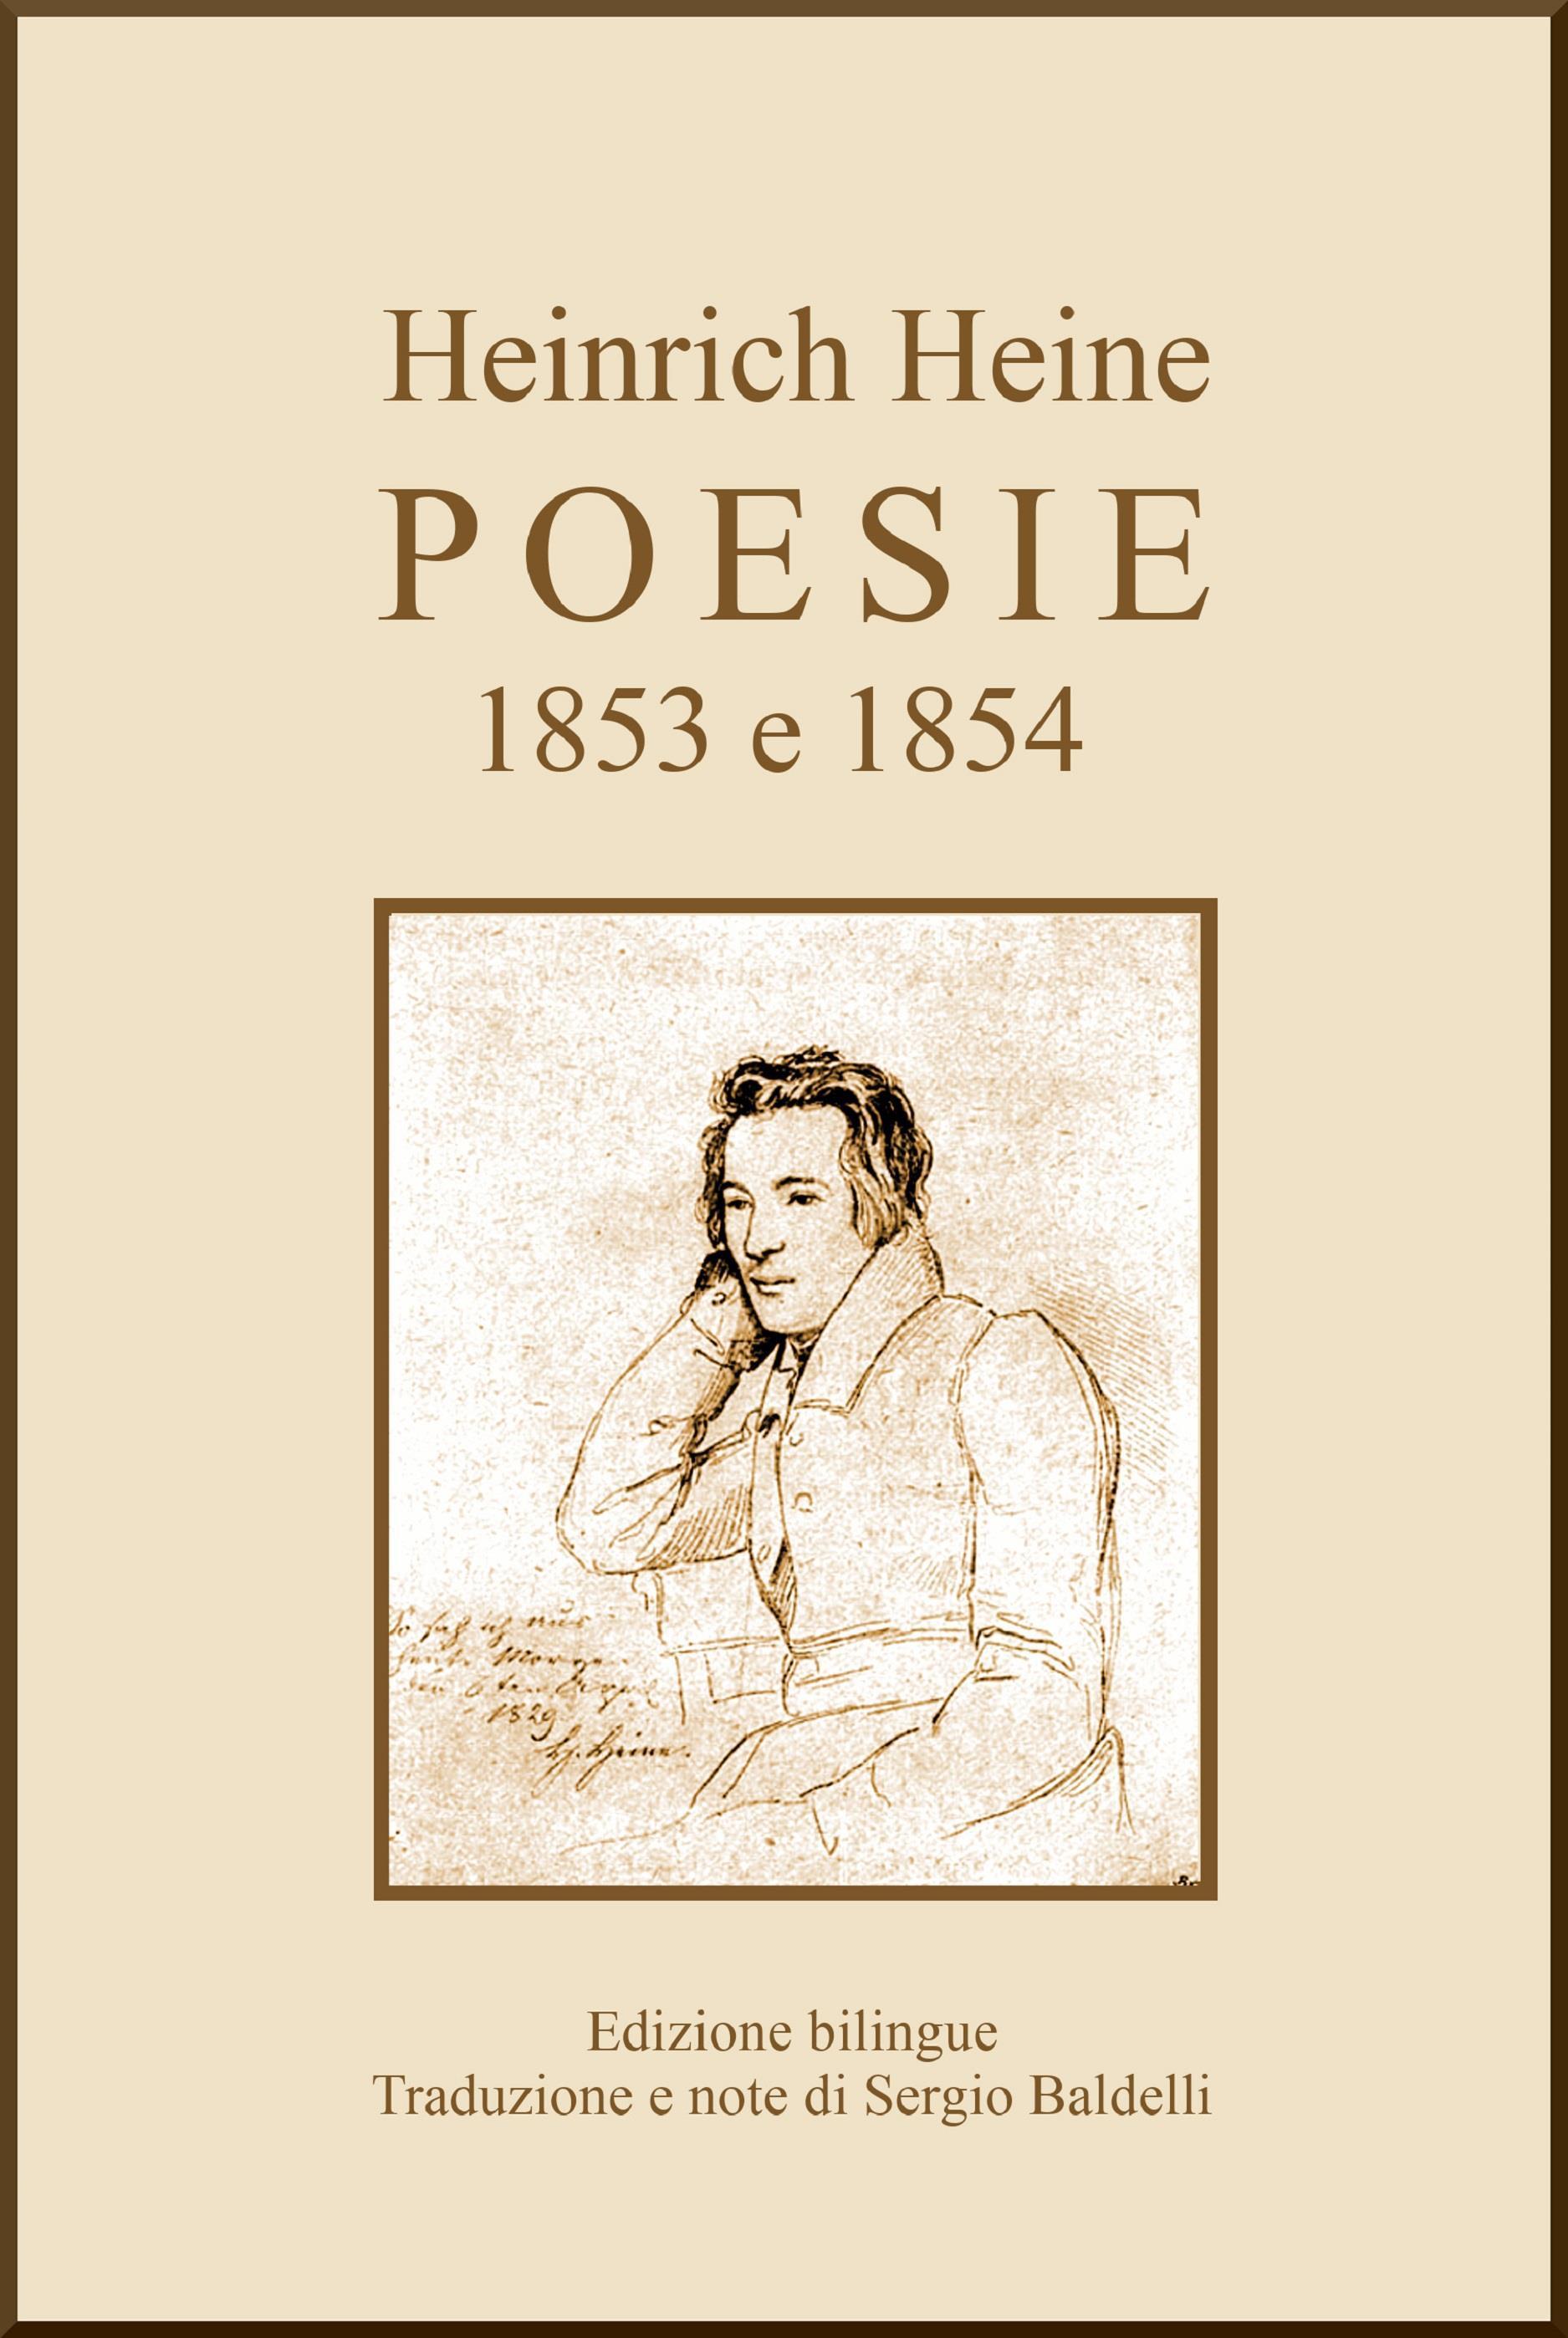 Poesie. 1853 e 1854